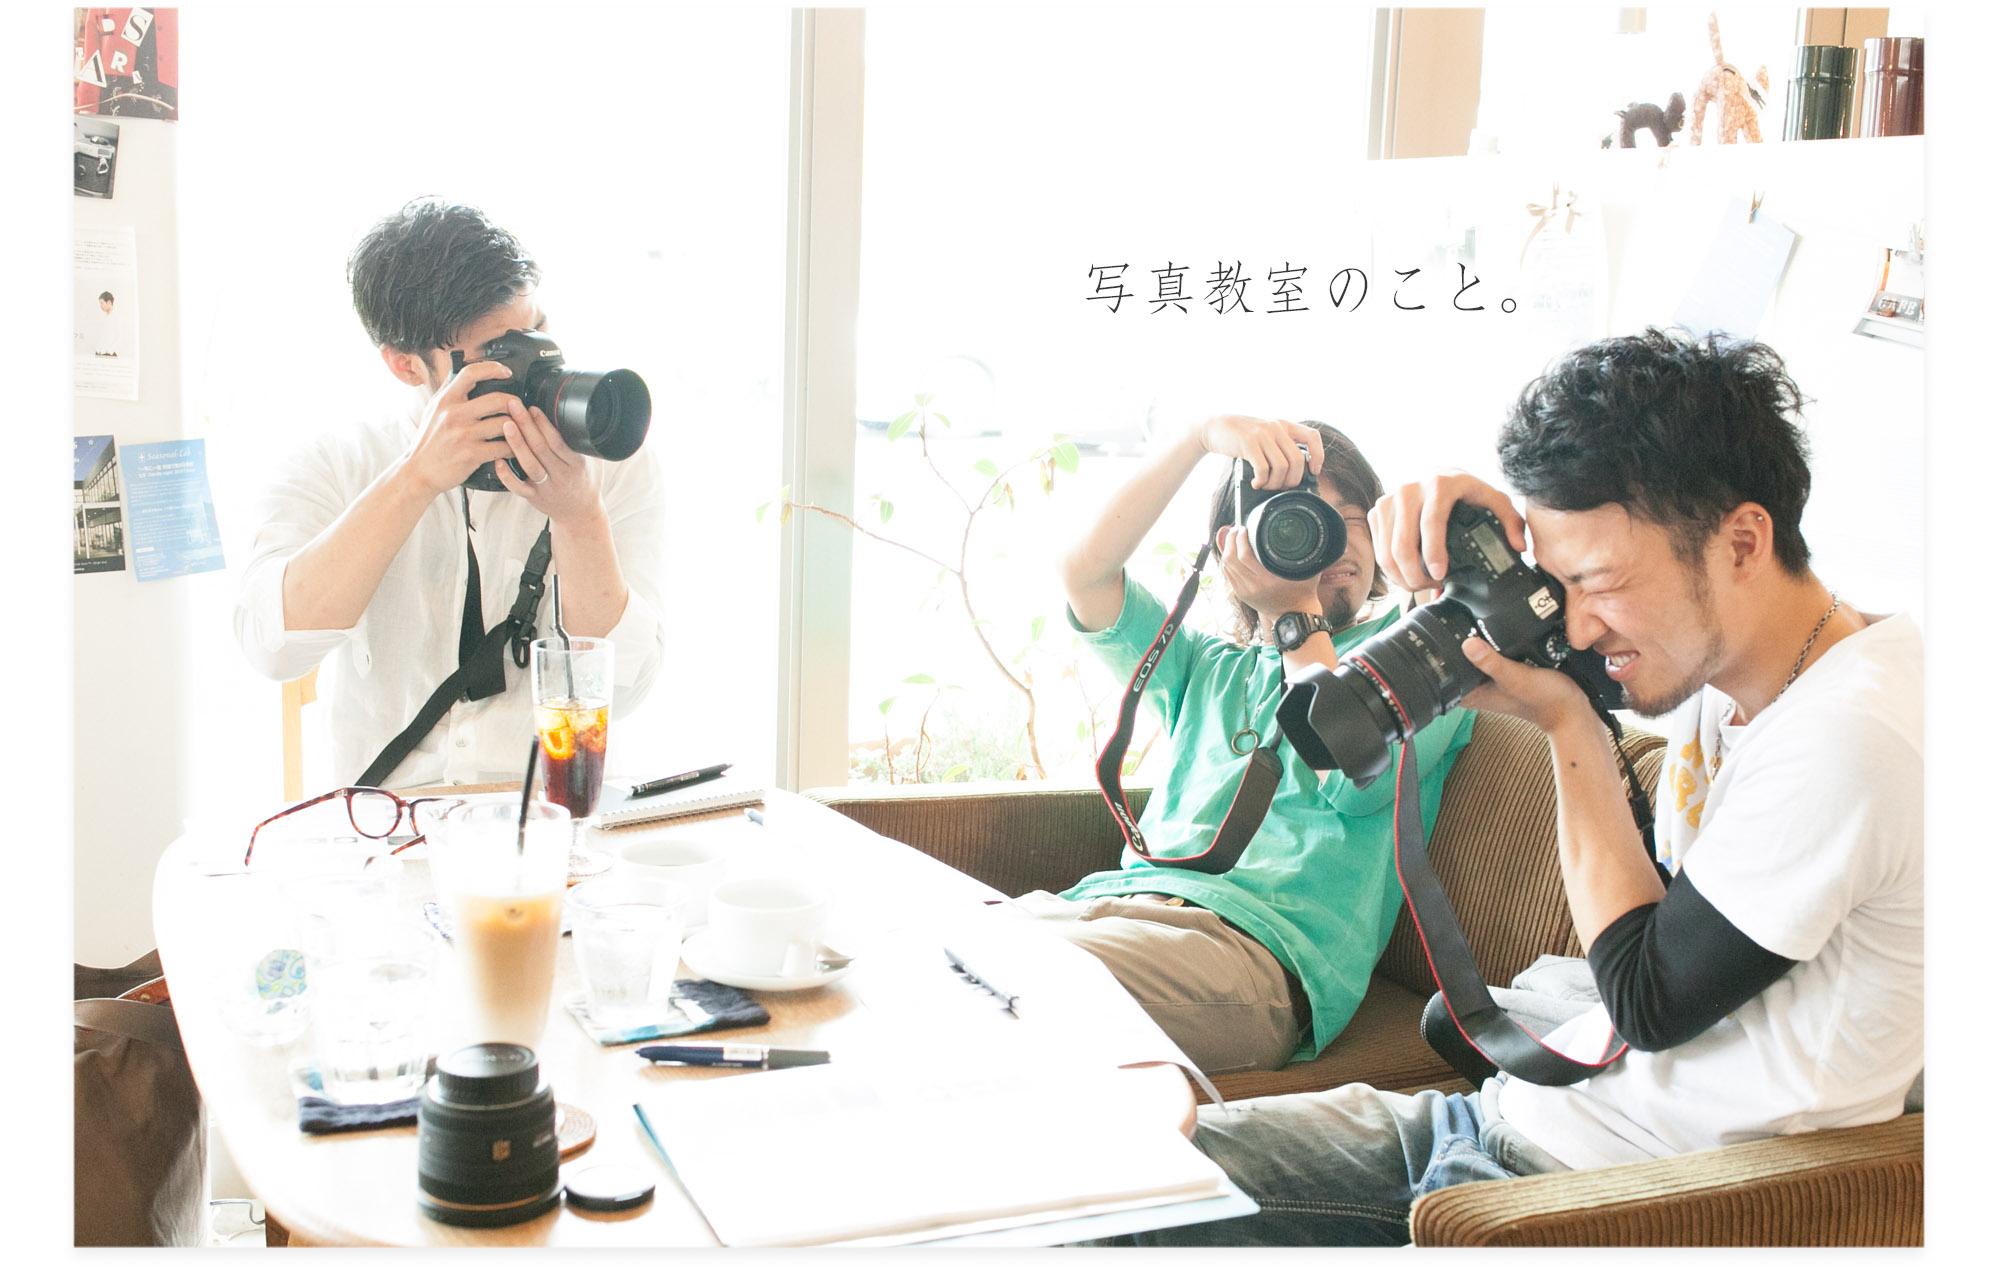 20130617_写真教室のこと